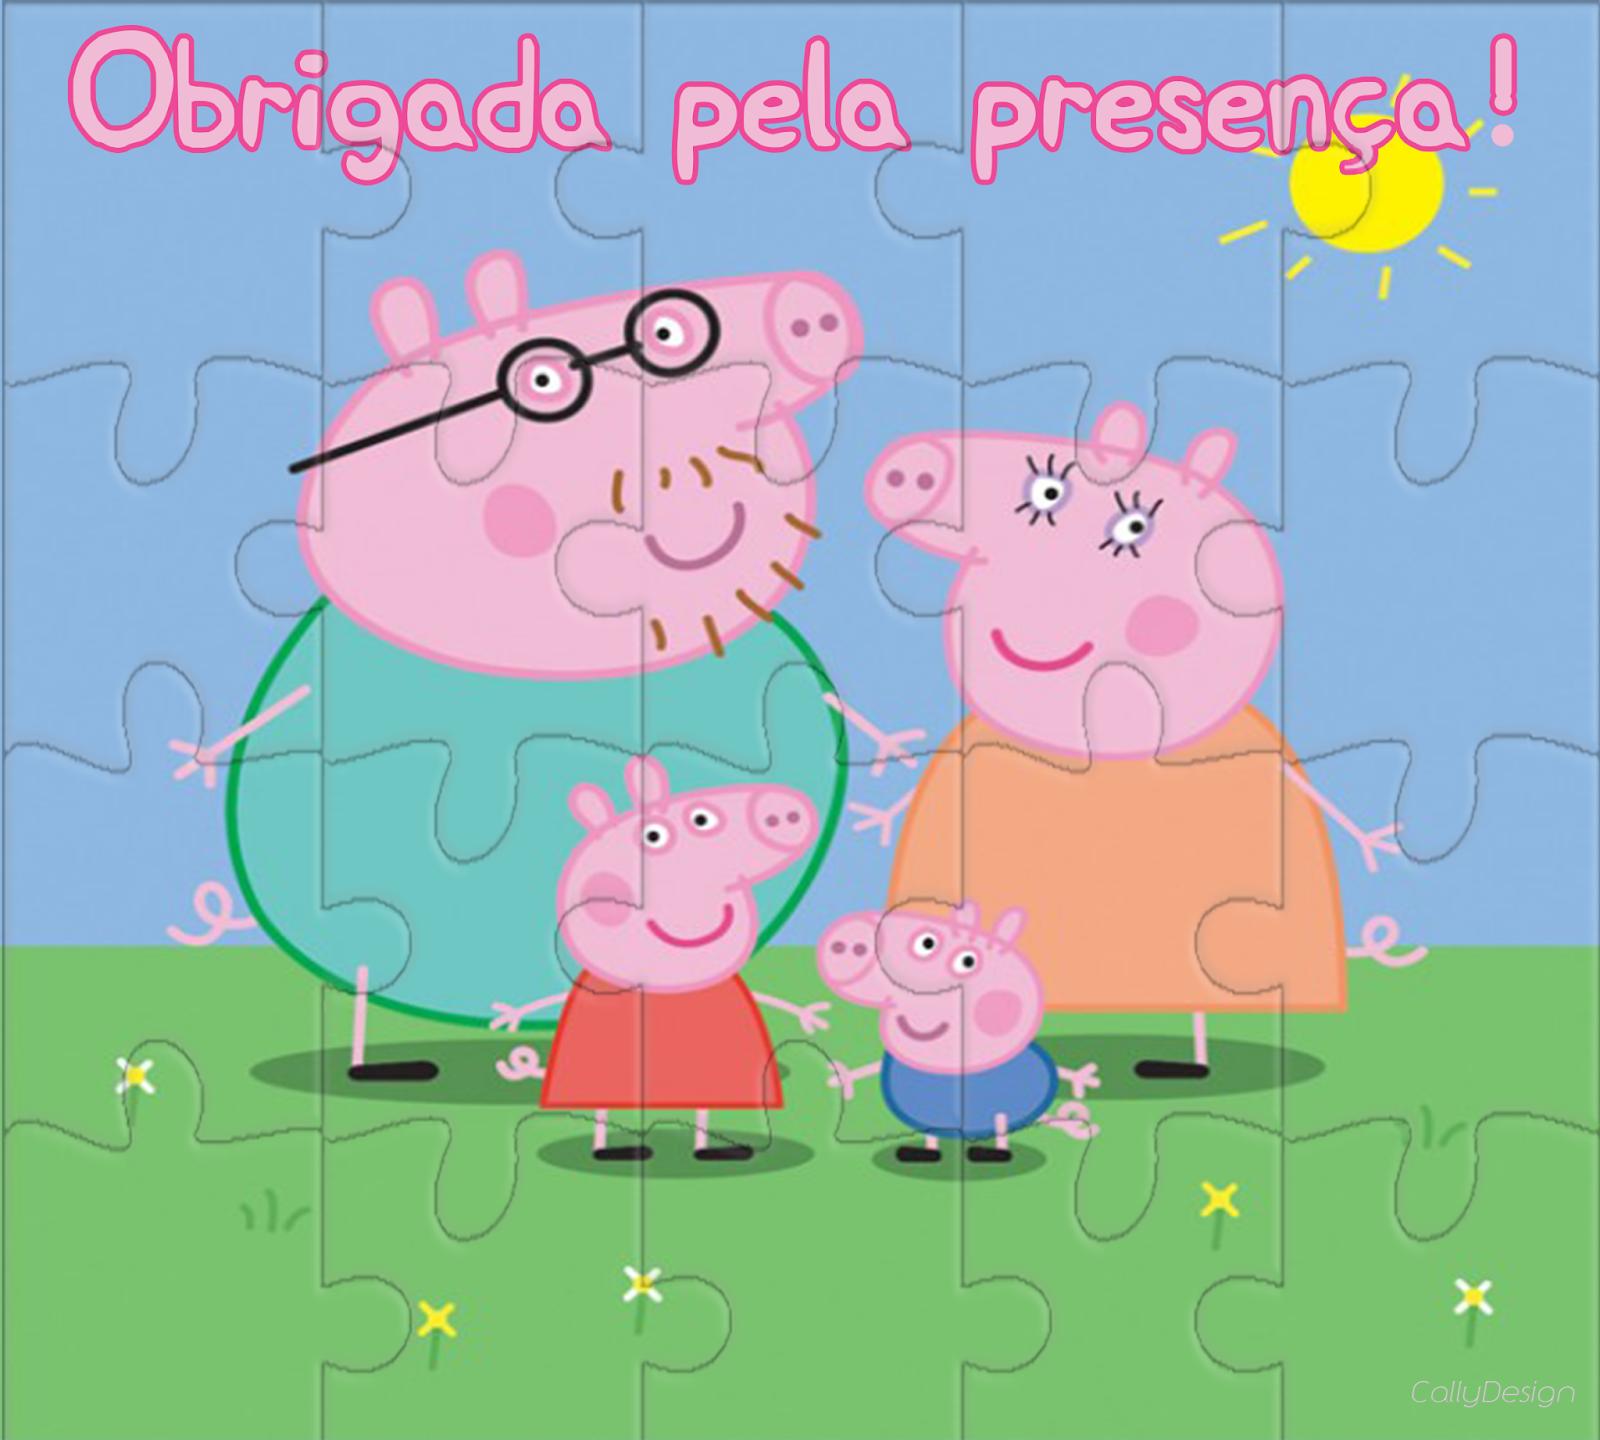 Quebra Cabeça e Jogo da Memória Personalizados para Imprimir - CALLY'S  DESIGN-Kits Personalizados Gratuitos. Aniversário PeppaFesta Peppa PigConvites  ...